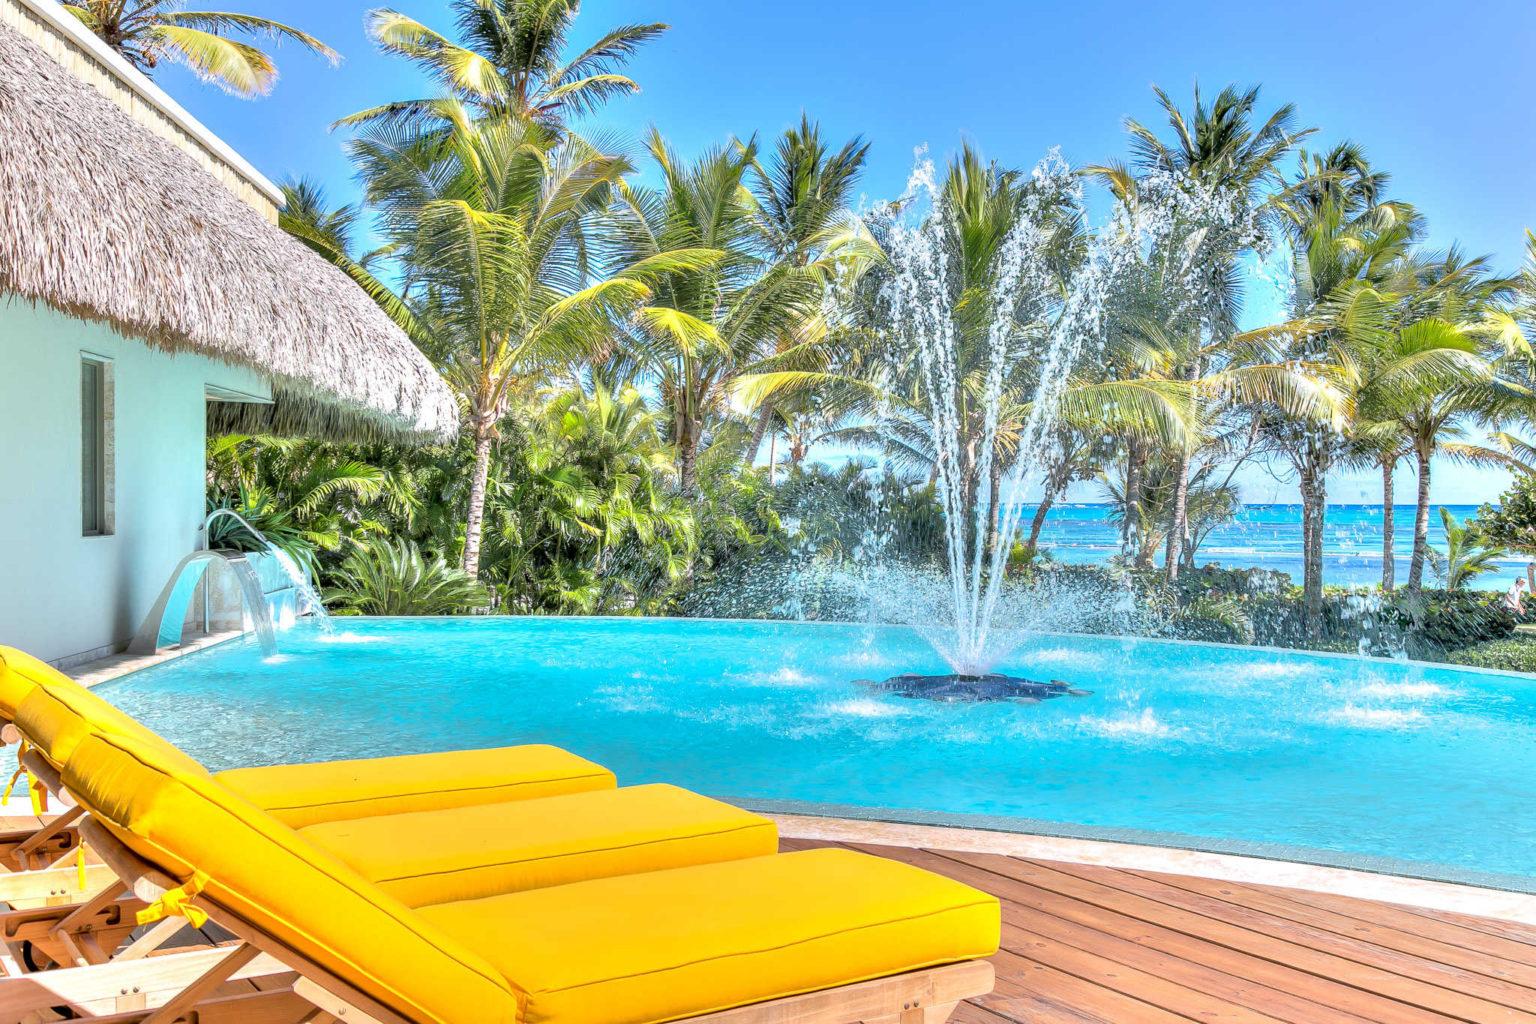 Villa sirena blue beachfront luxury villa rental punta cana for Punta cana villa rentals